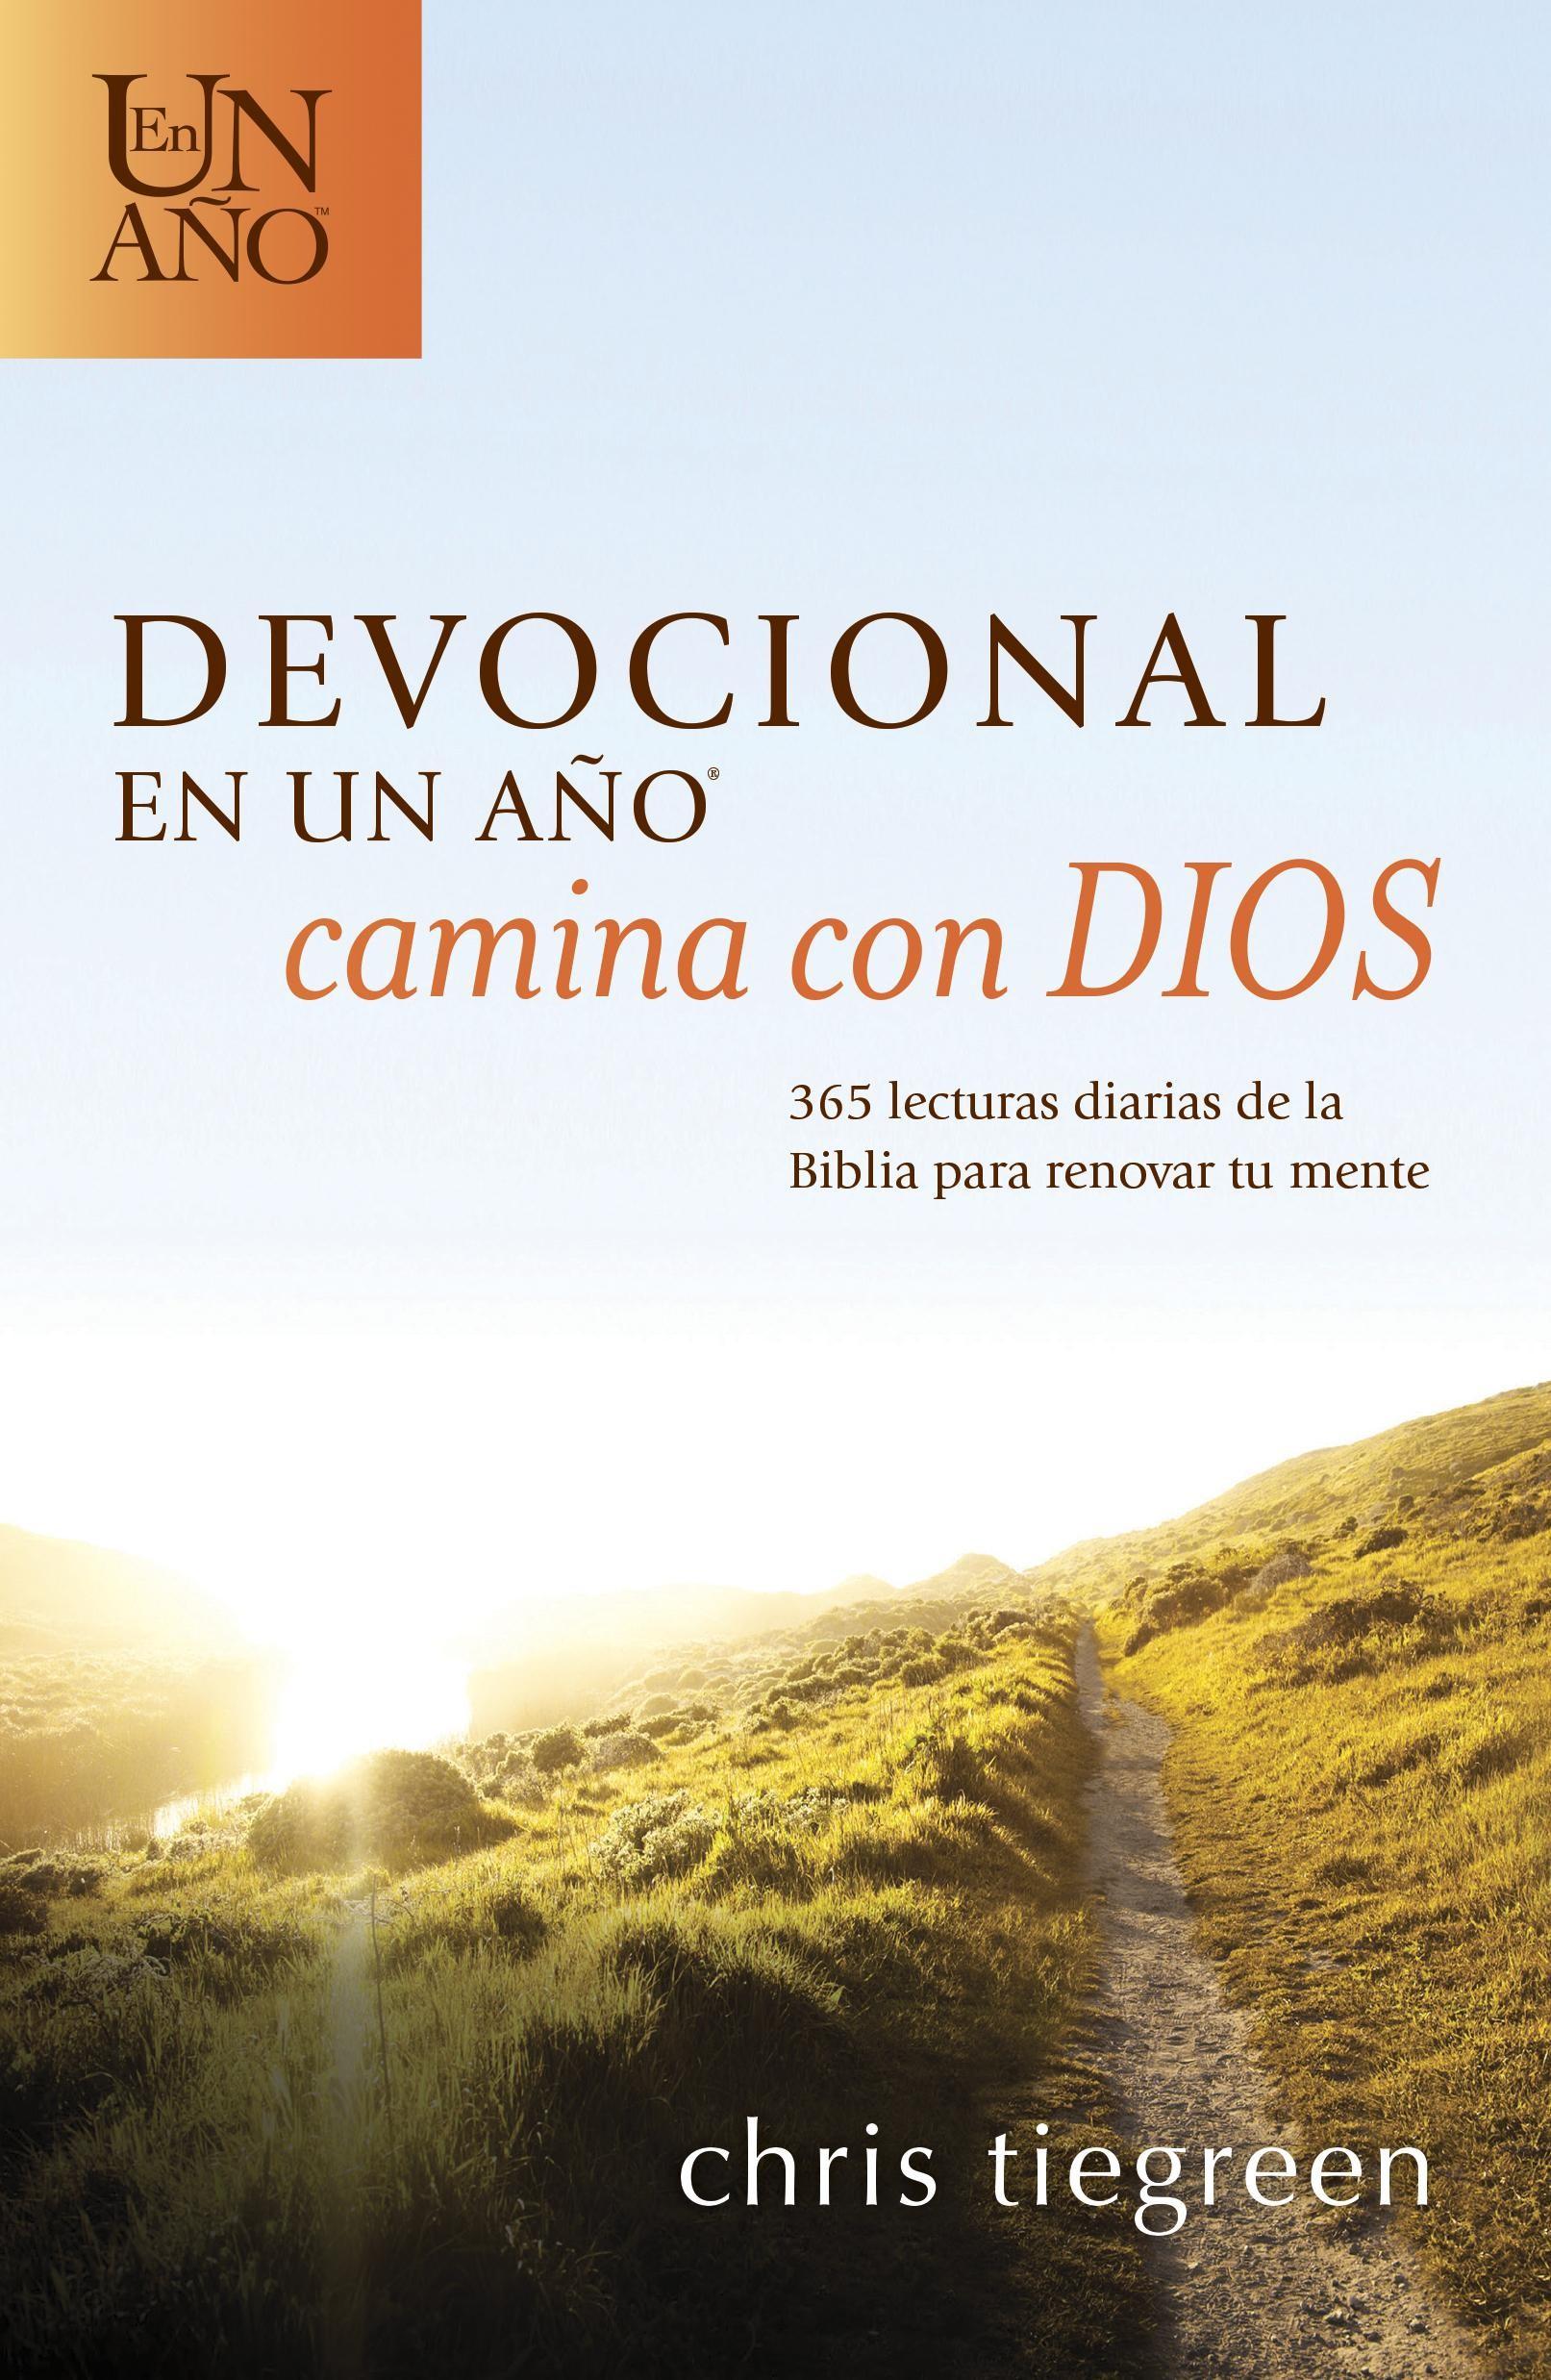 The Devocional en un año -- Camina con Dios